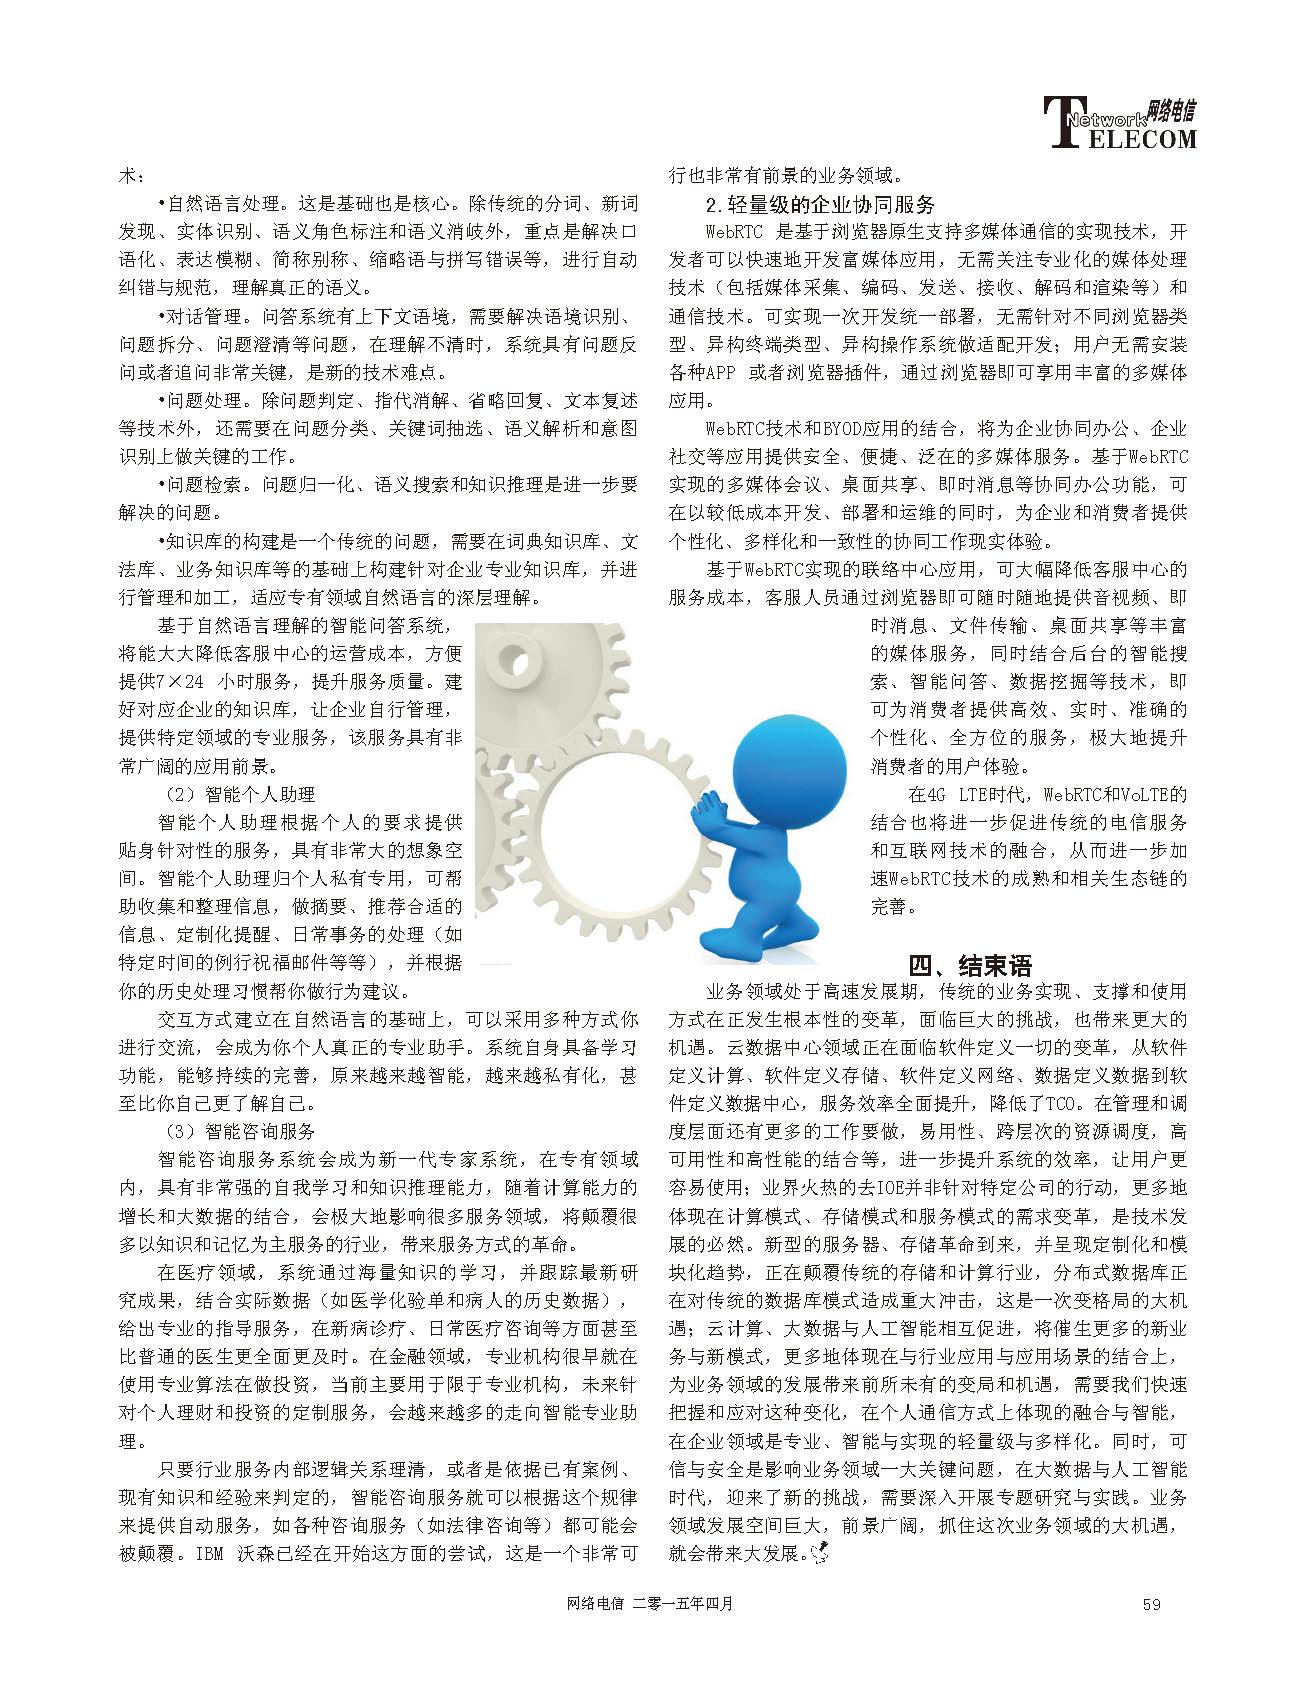 电信2015-04_页面_59.jpg